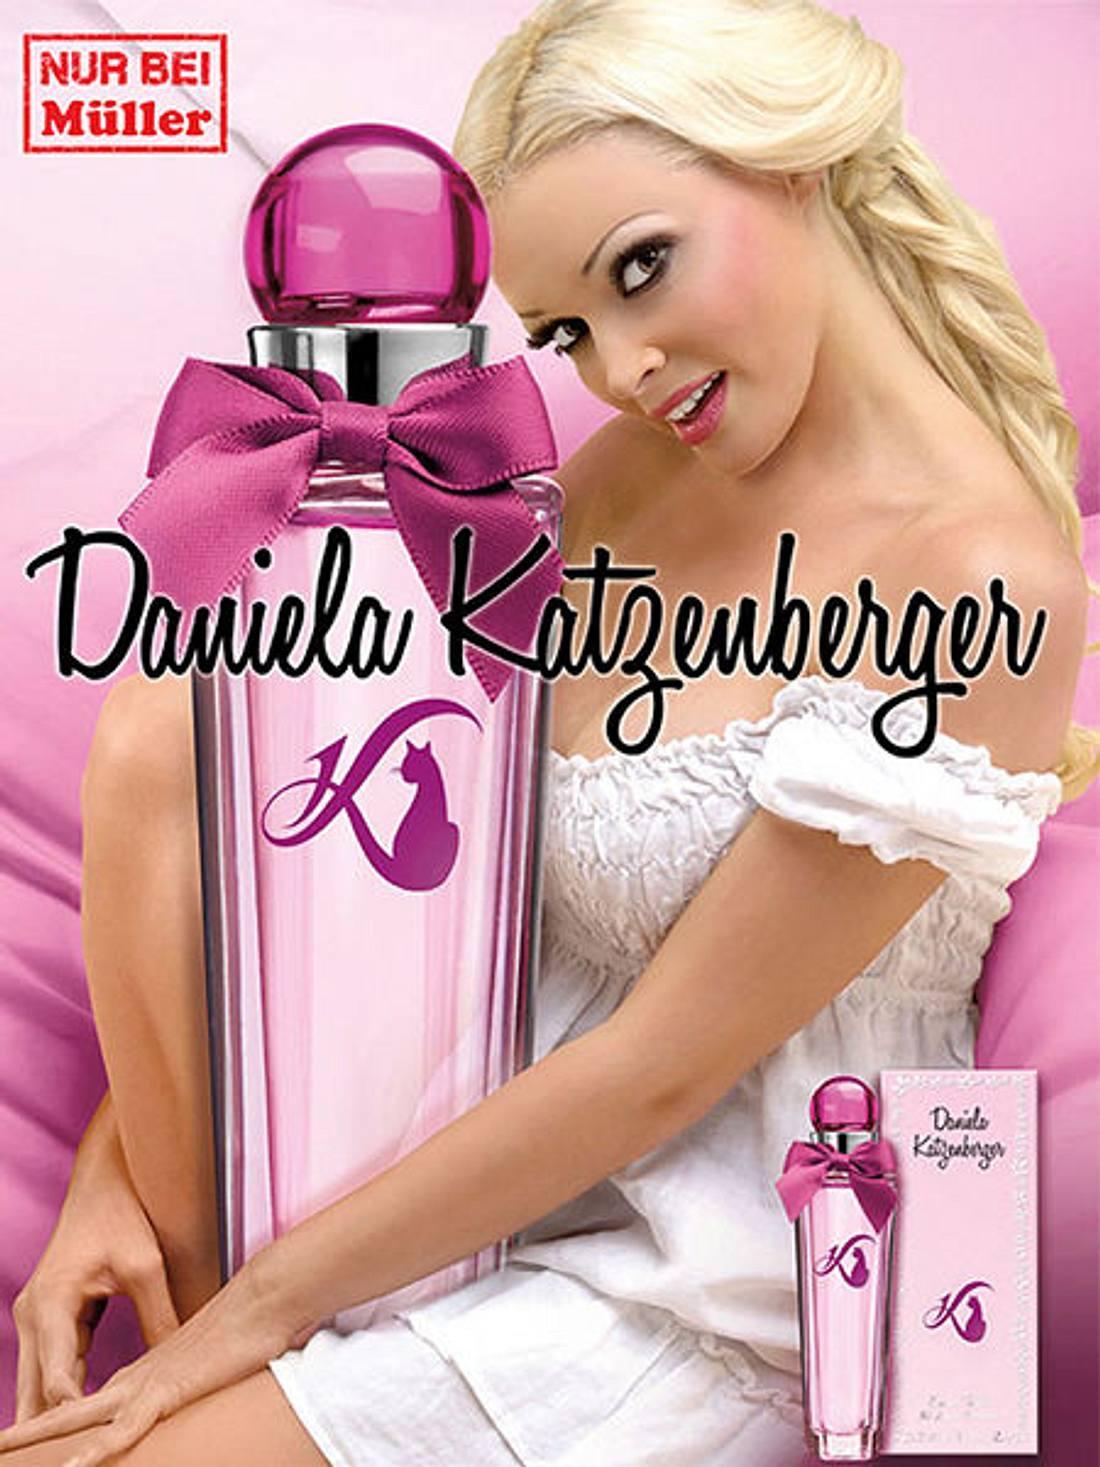 Daniela Katzenberger hat jetzt auch ihr eigenes Parfum